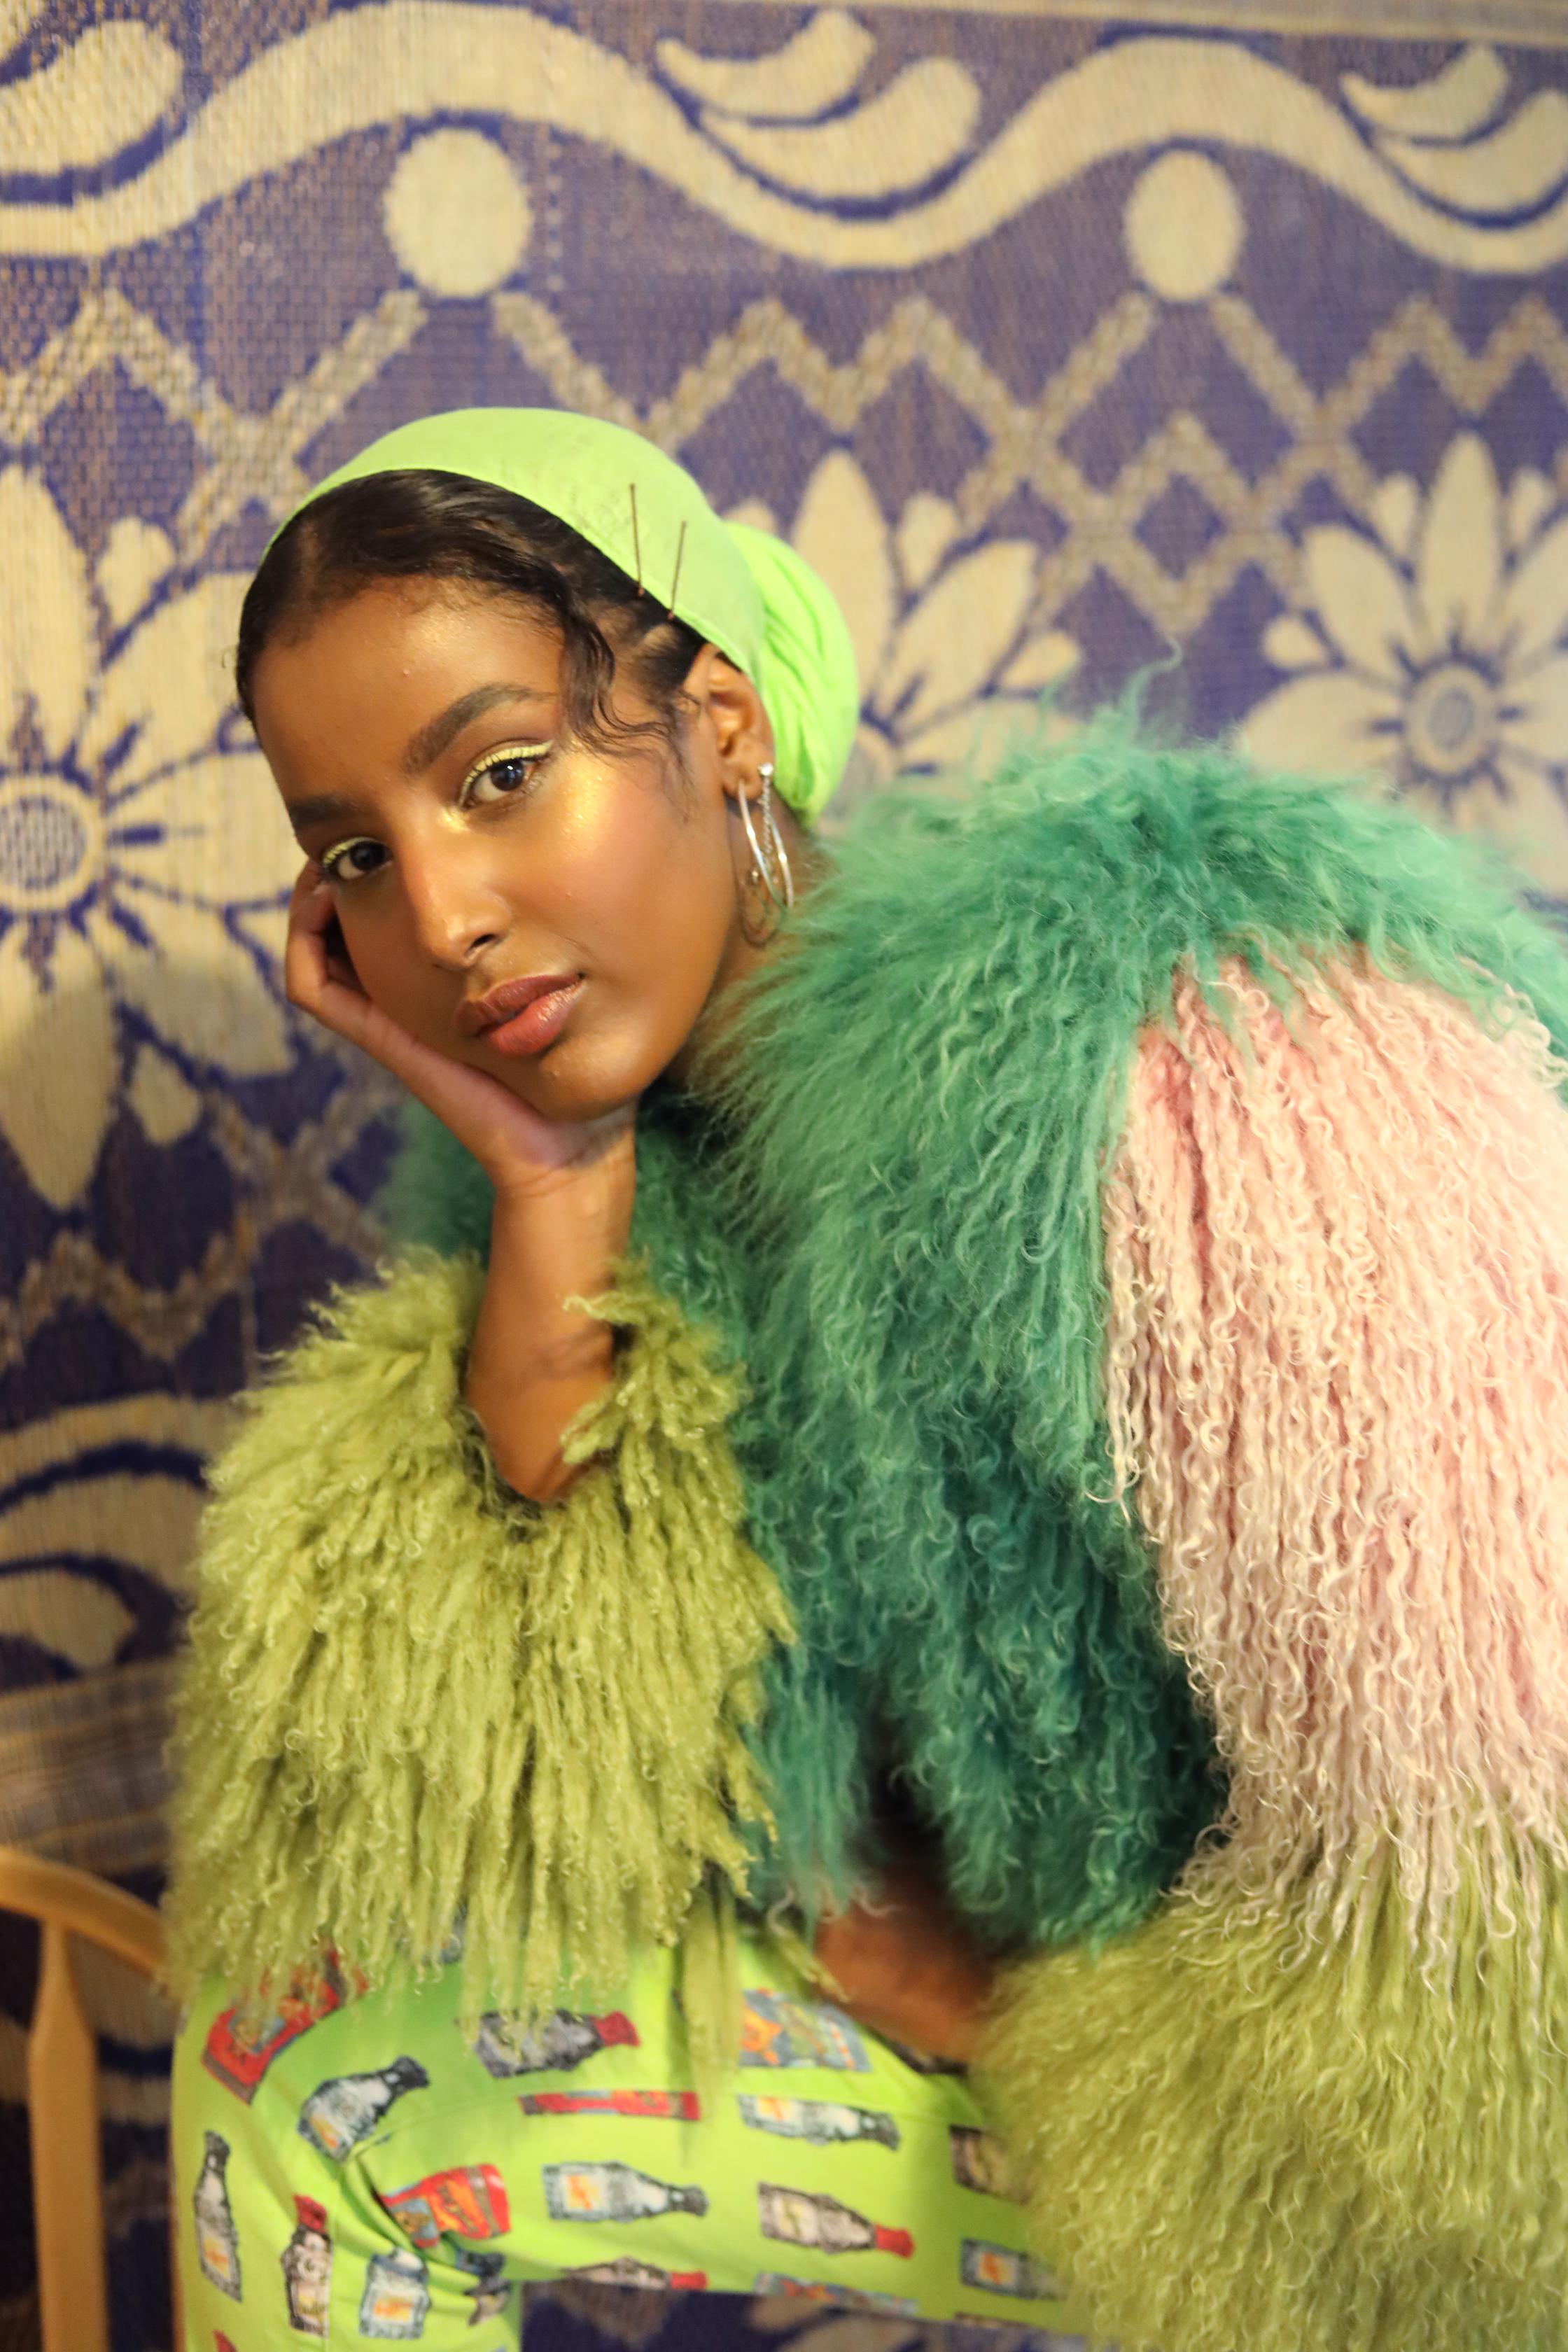 Model: Amaal Ali / Photography: Zeinab Saleh / Stylist: Lucy Savage / Make-up: Maha and Hala / image belongs to Muslim Sisterhood